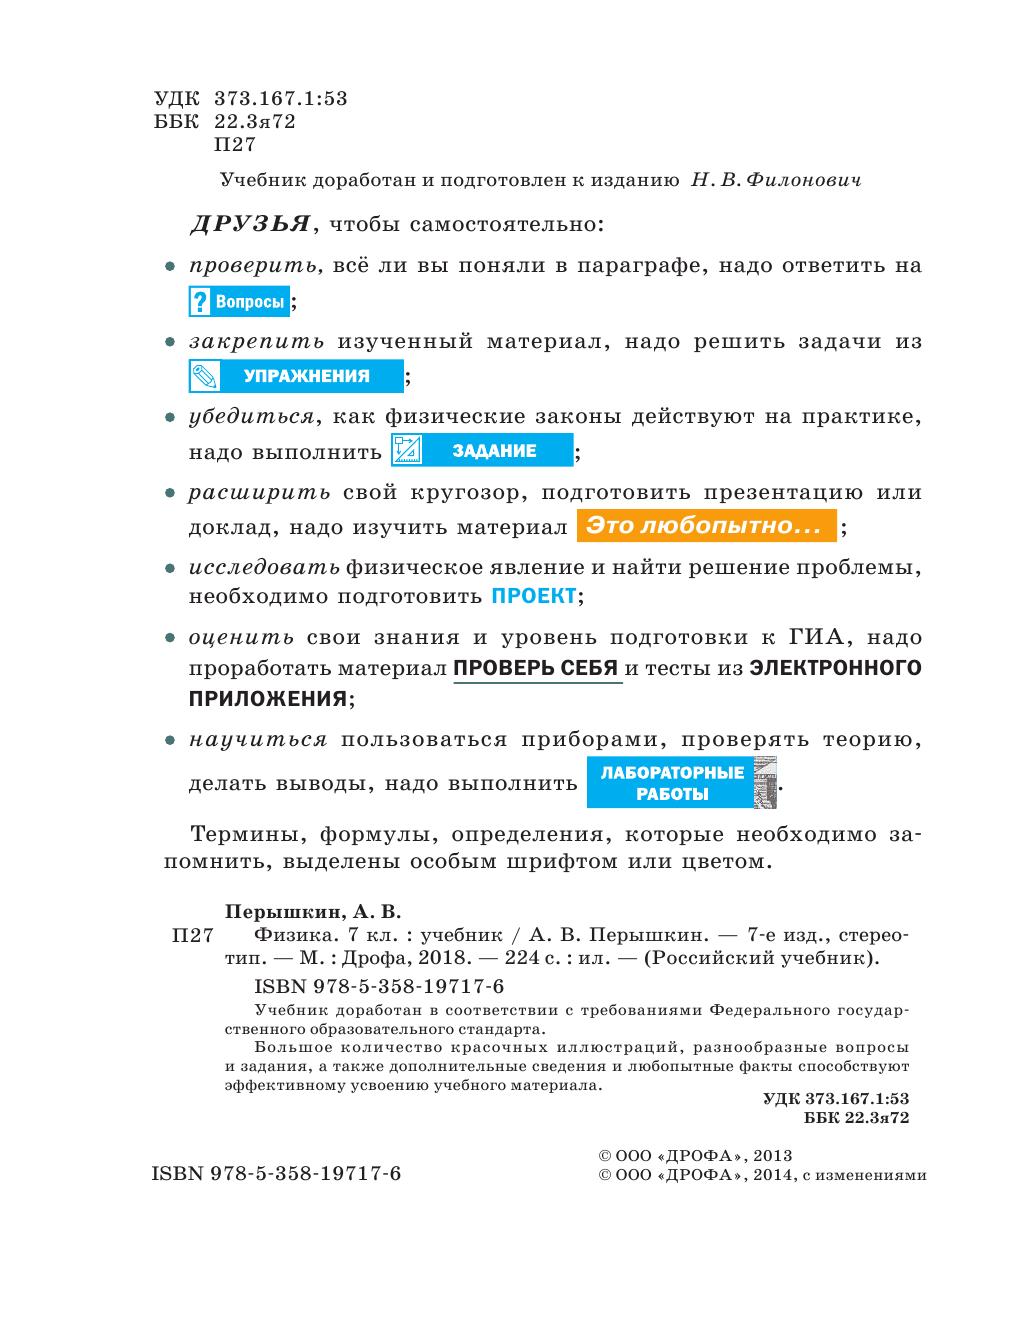 Учебник арабского языка а.а. ковалев, г.ш. шарбатов гдз